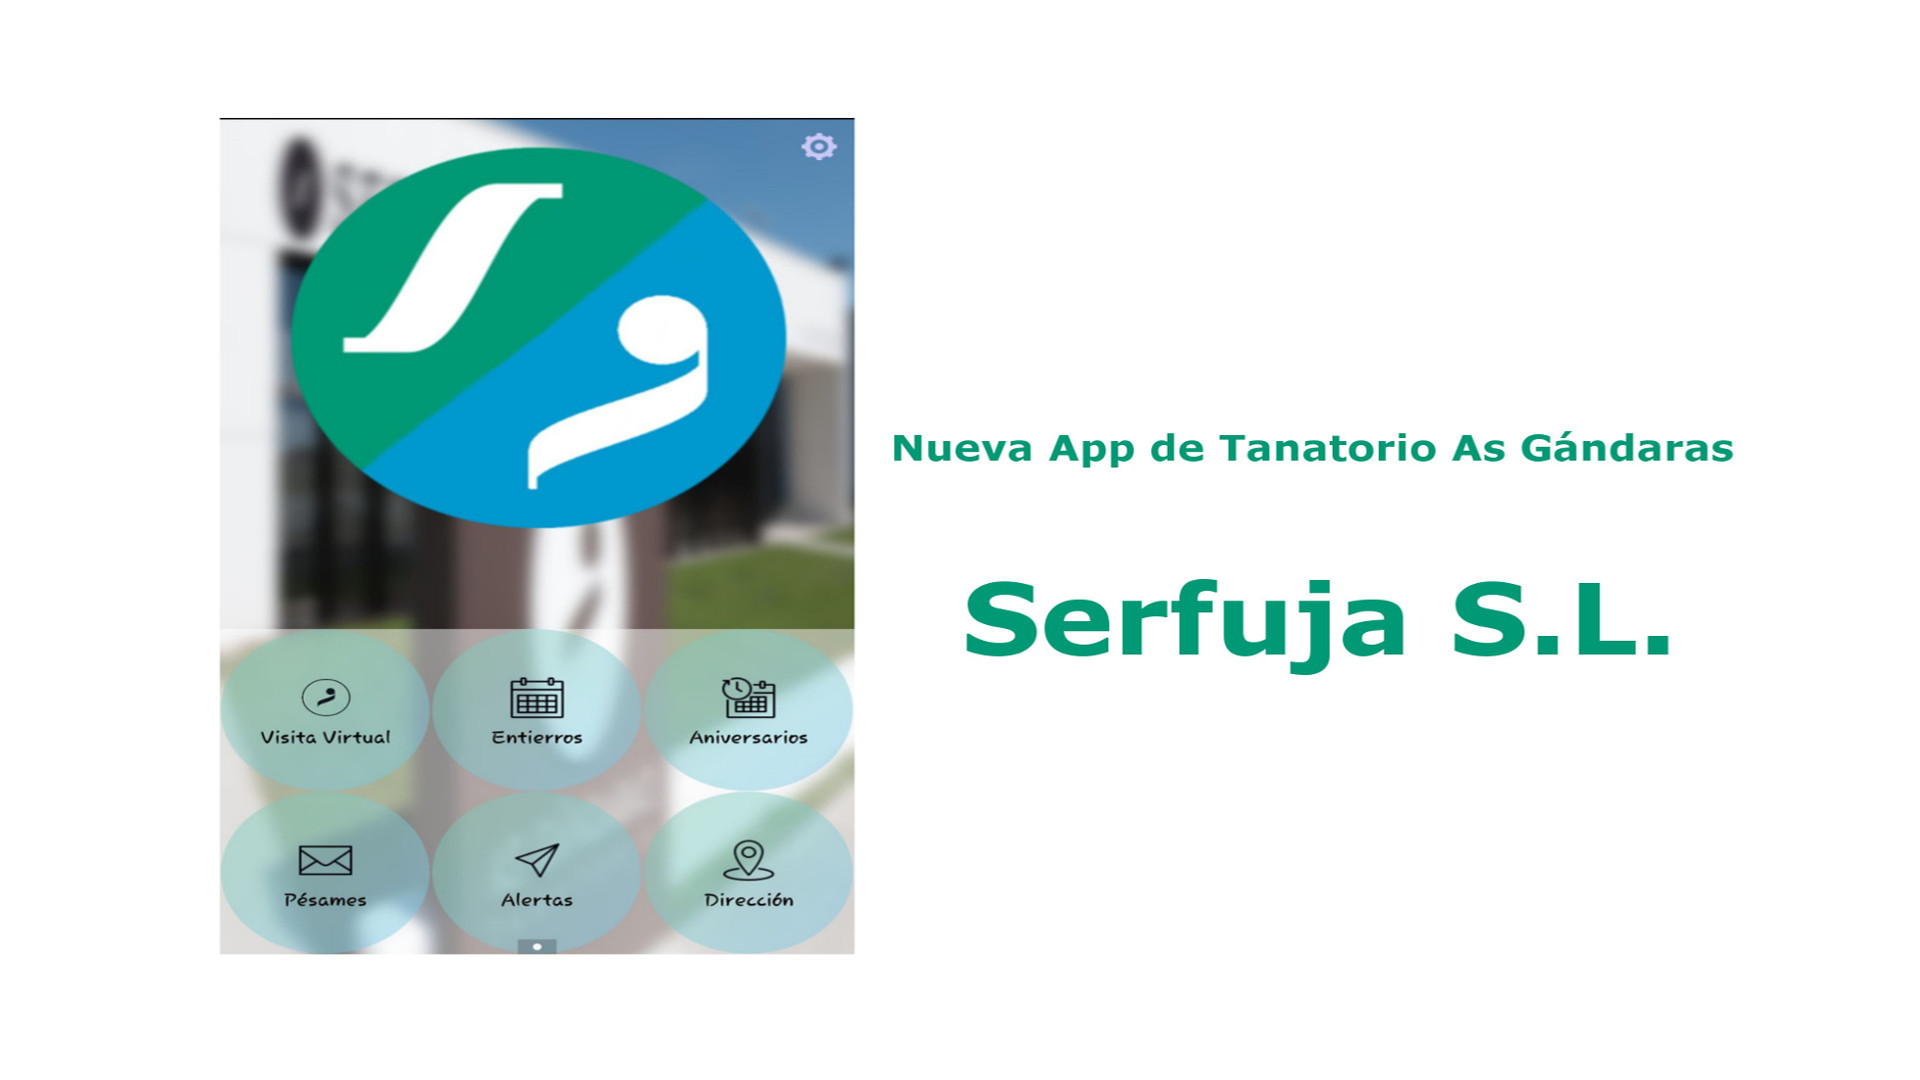 Nueva App de Tanatorio As Gándaras - Serfuja S.L.1920.